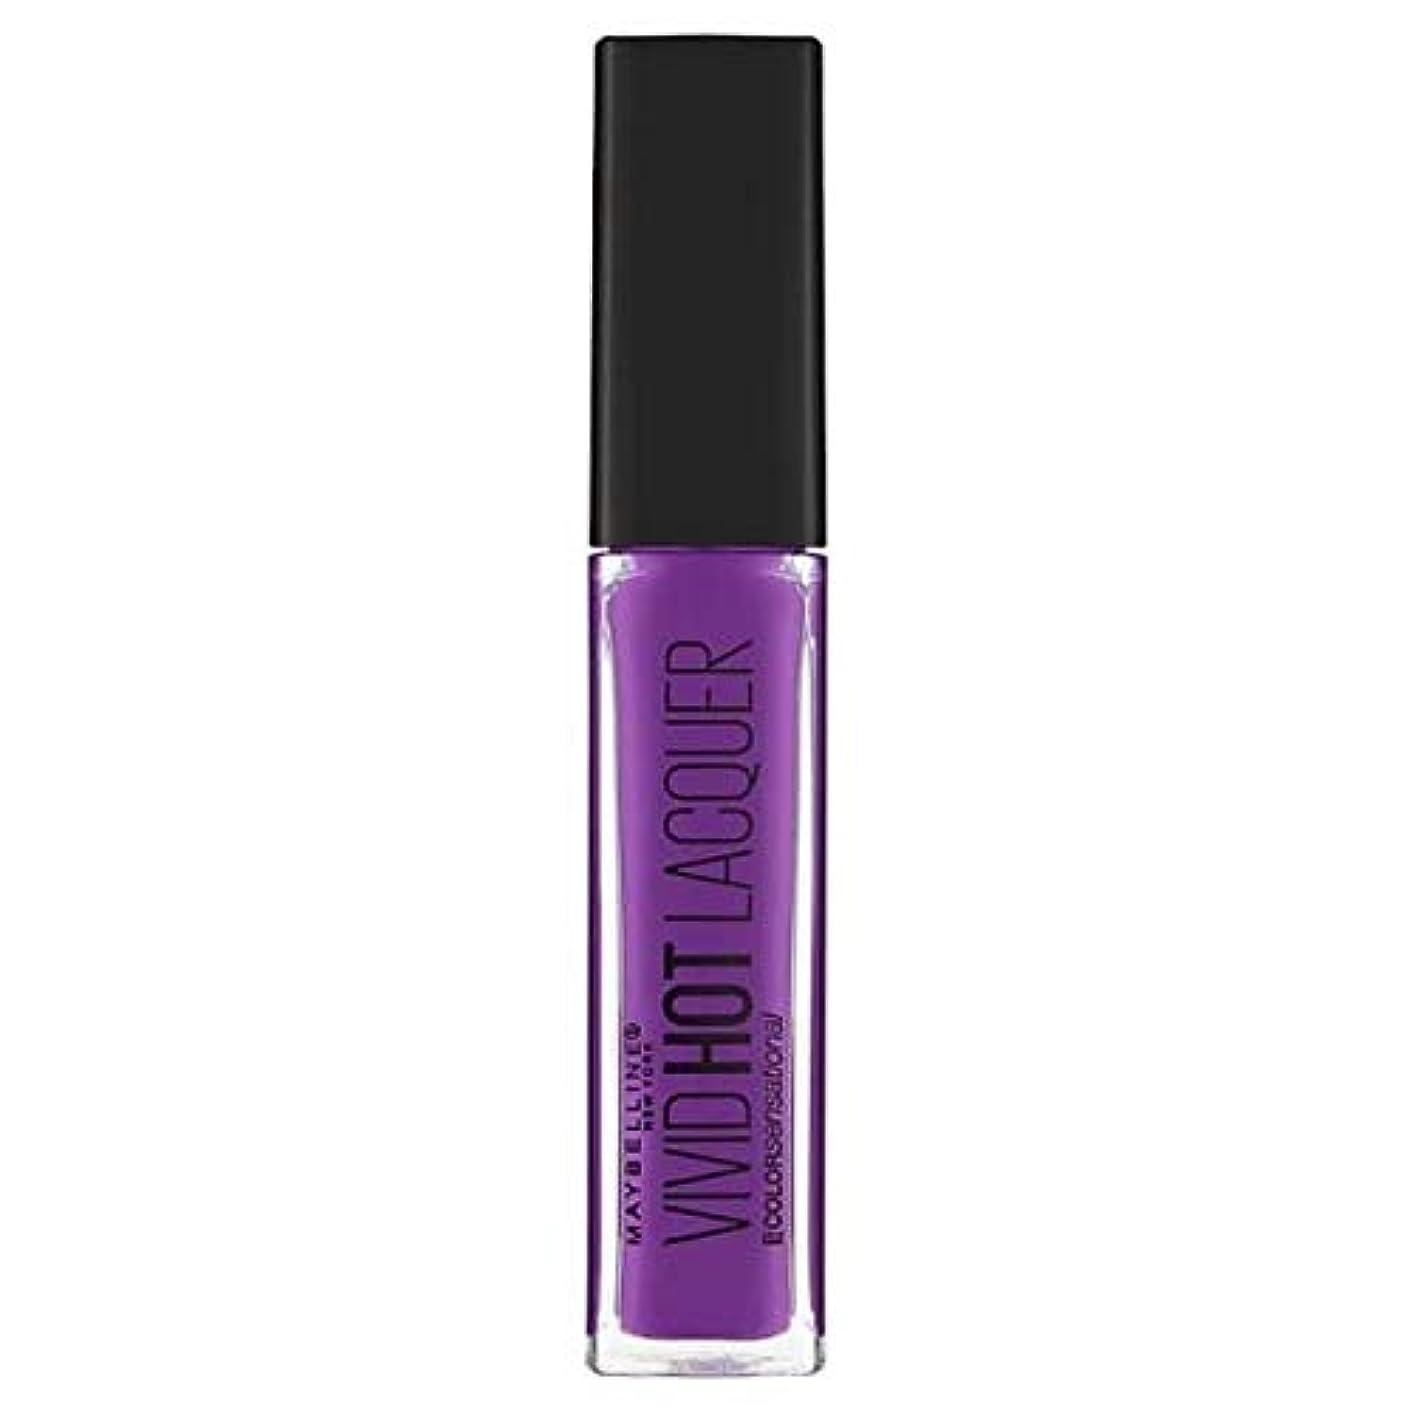 夜明け極地健康[Maybelline ] メイベリンの色鮮やかなセンセーショナルなホットラッカー王室 - Maybelline Color Sensational Vivid Hot Lacquer Royal [並行輸入品]